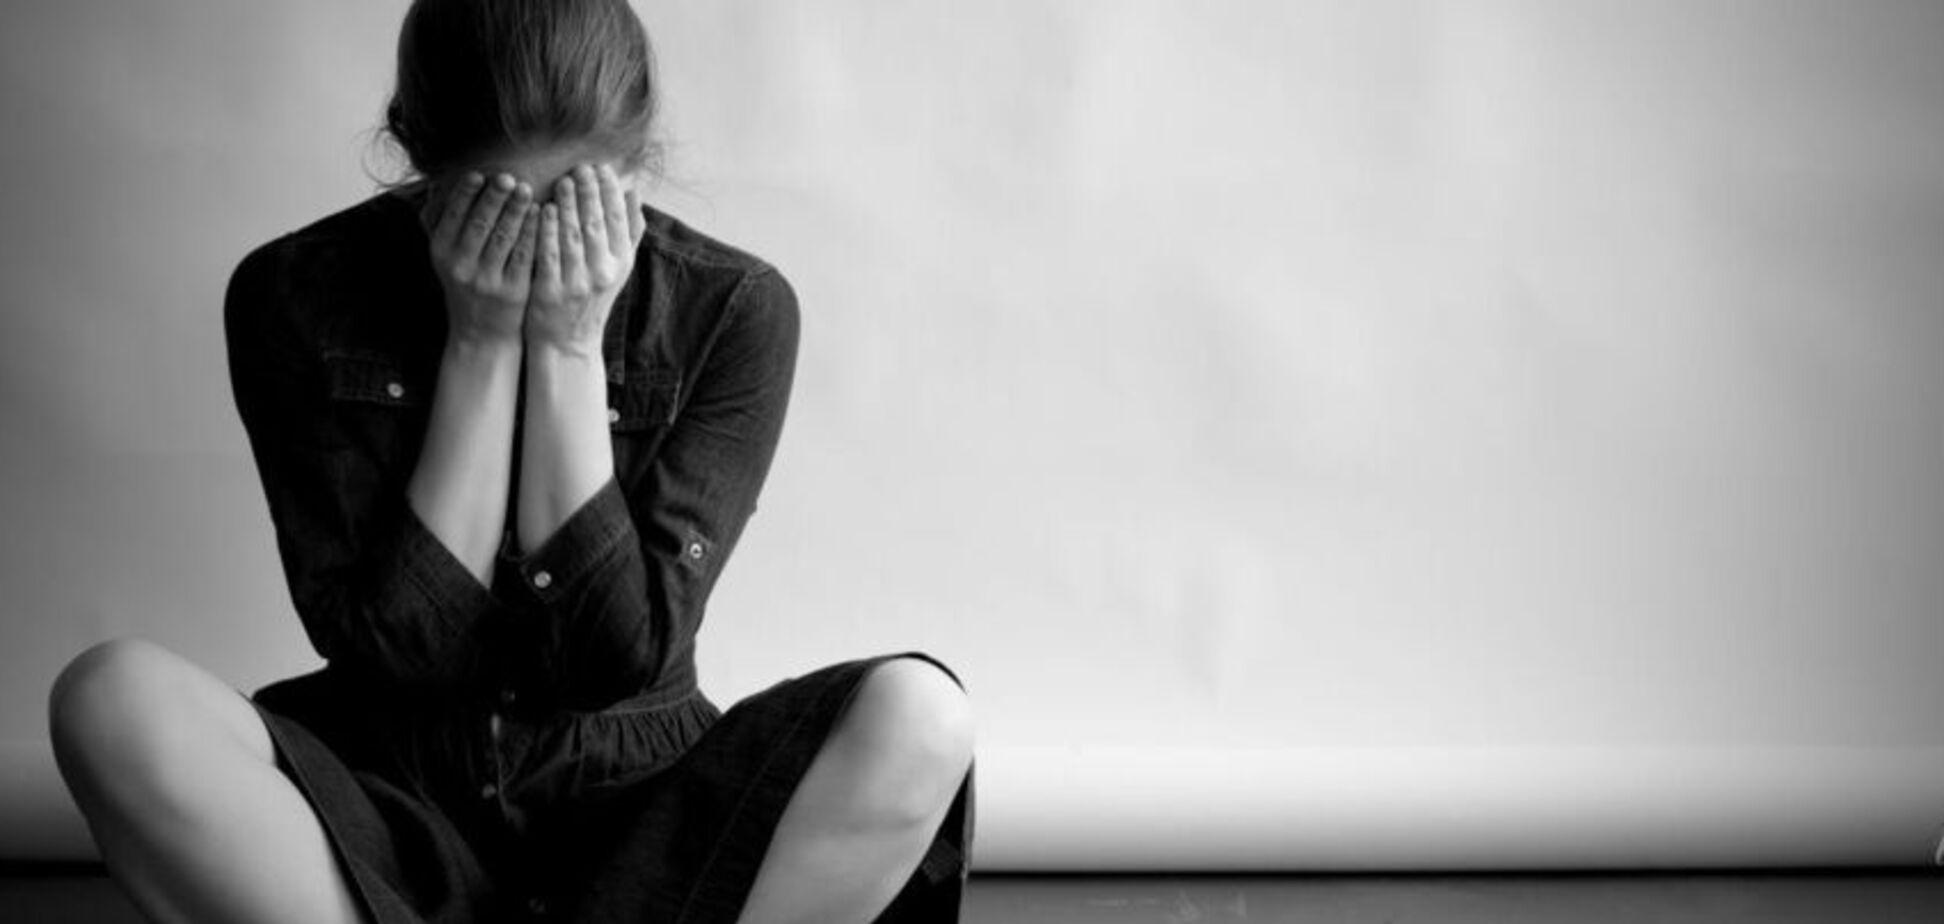 Сексуальное насилие: как противостоять